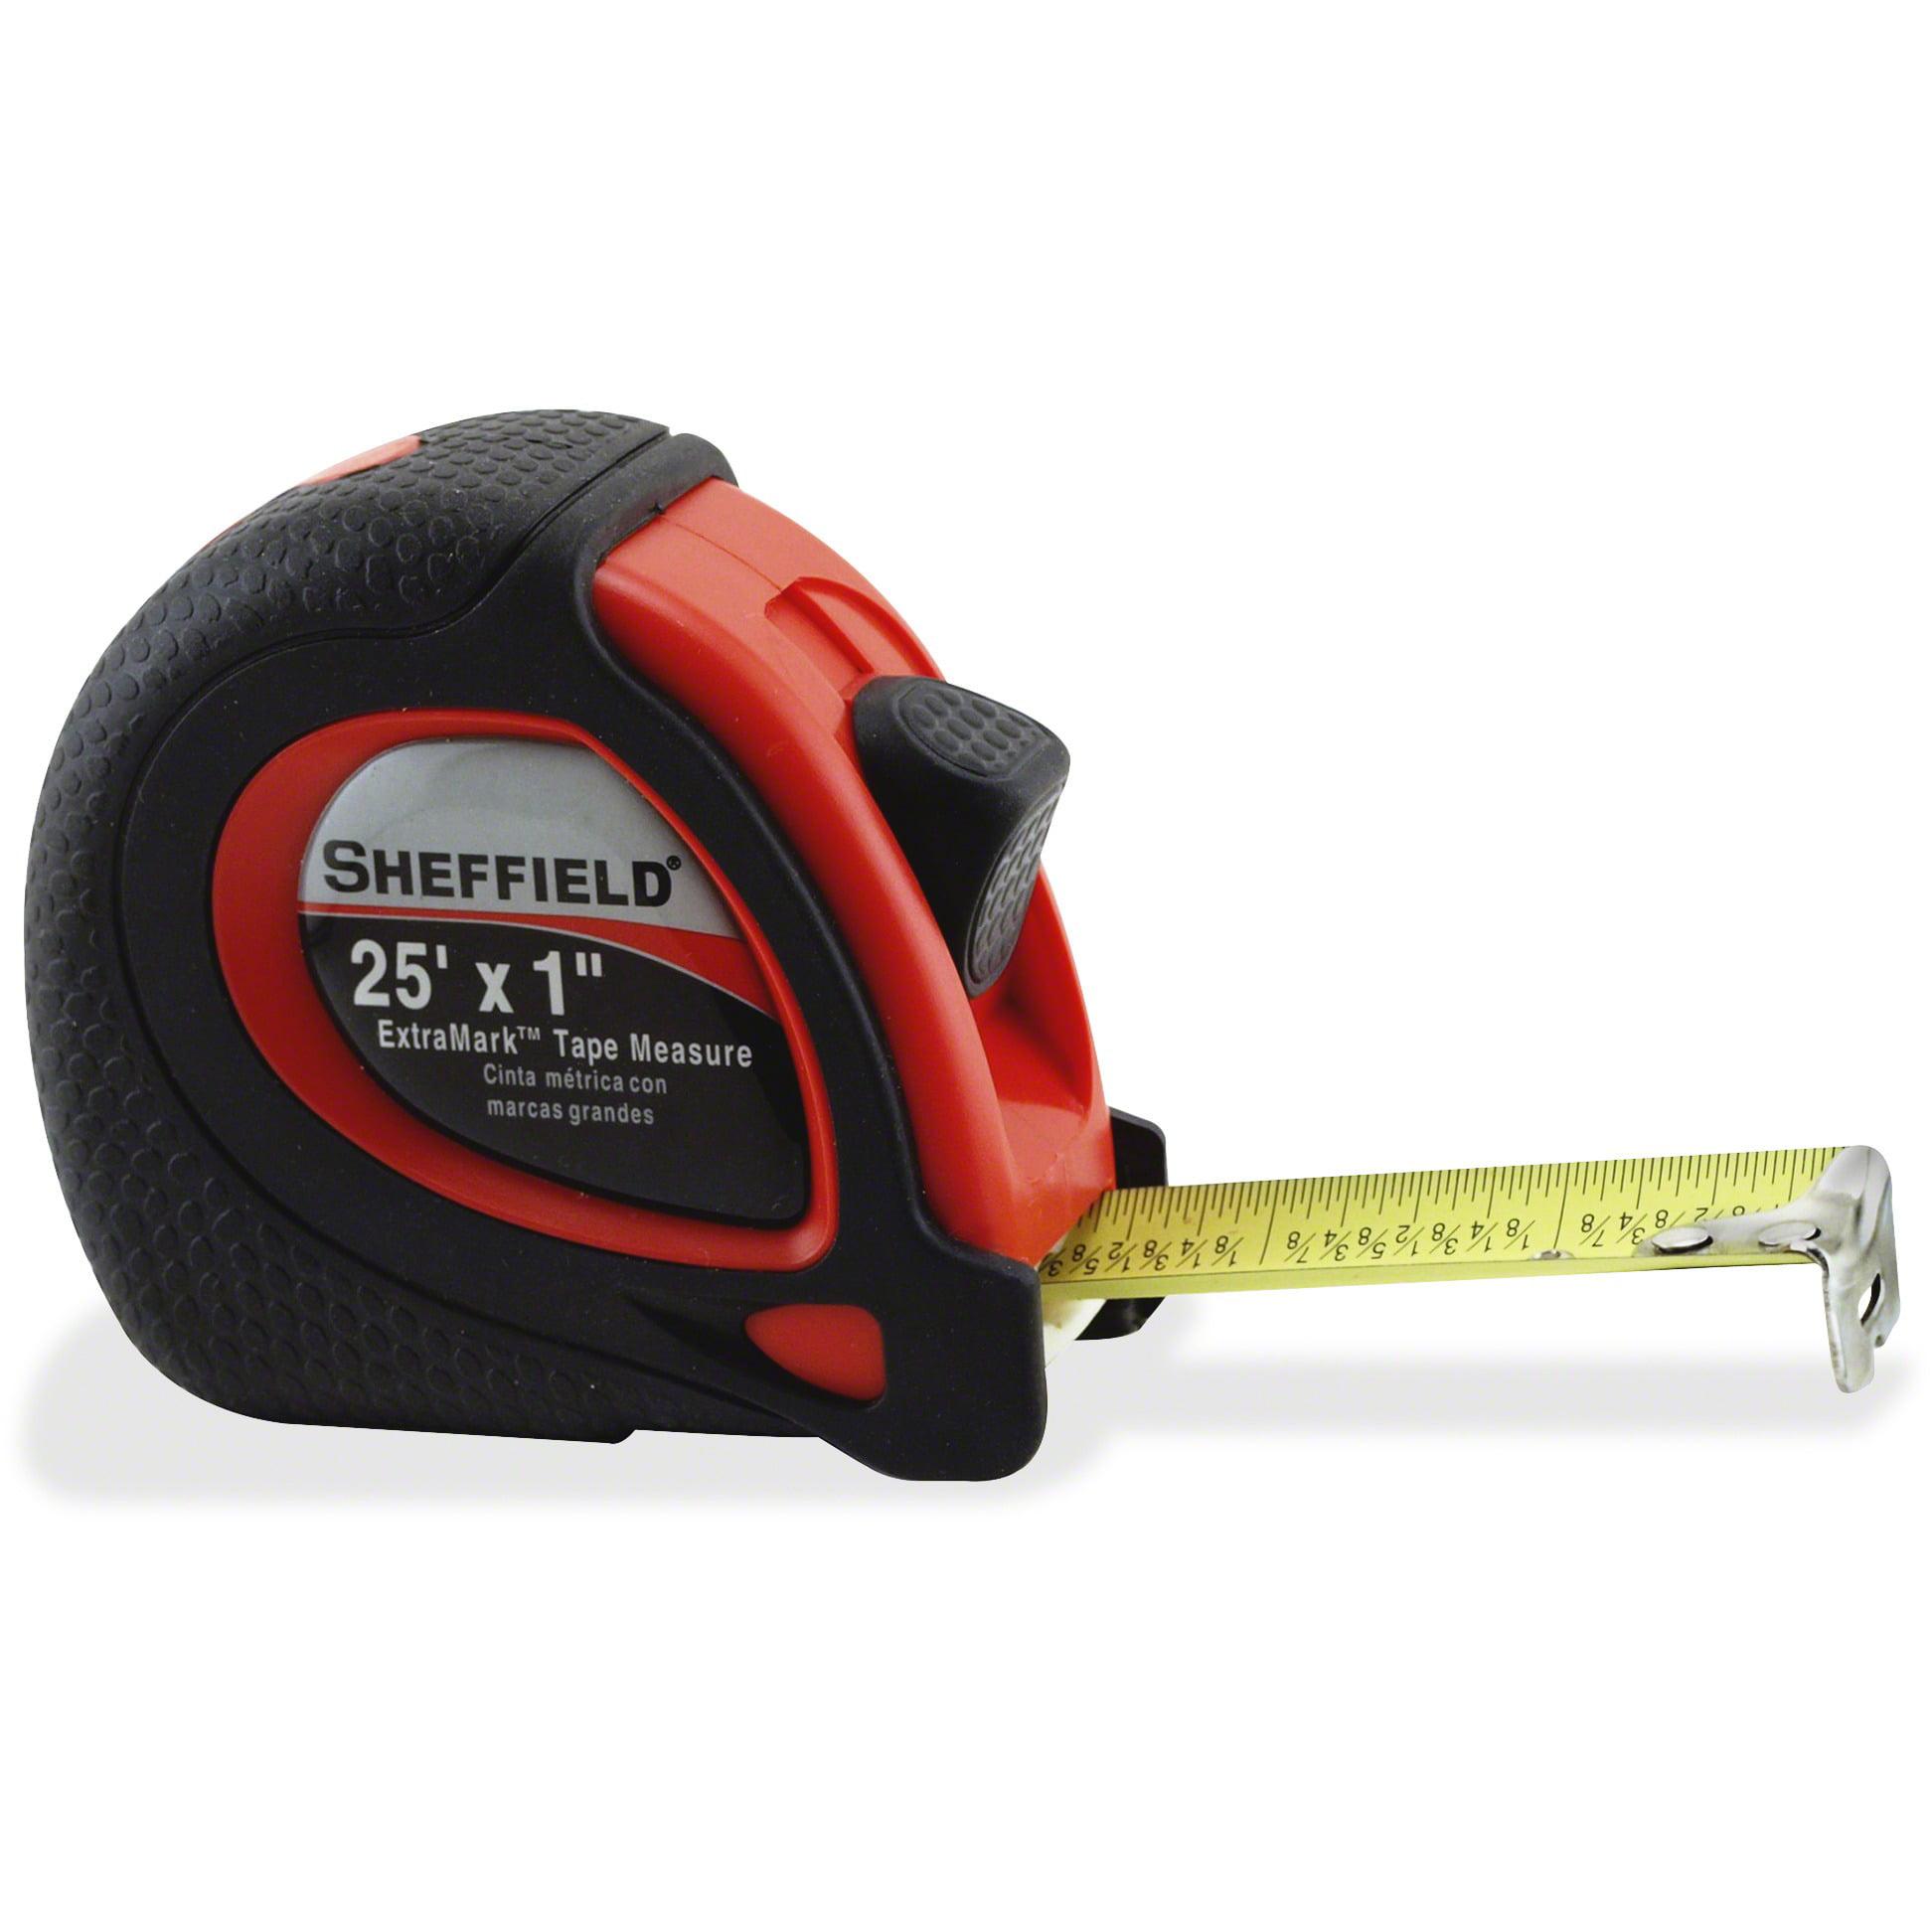 Sheffield, GNS58652, Great NeckExtraMark Tape Measure, 1 Each, Black,Red